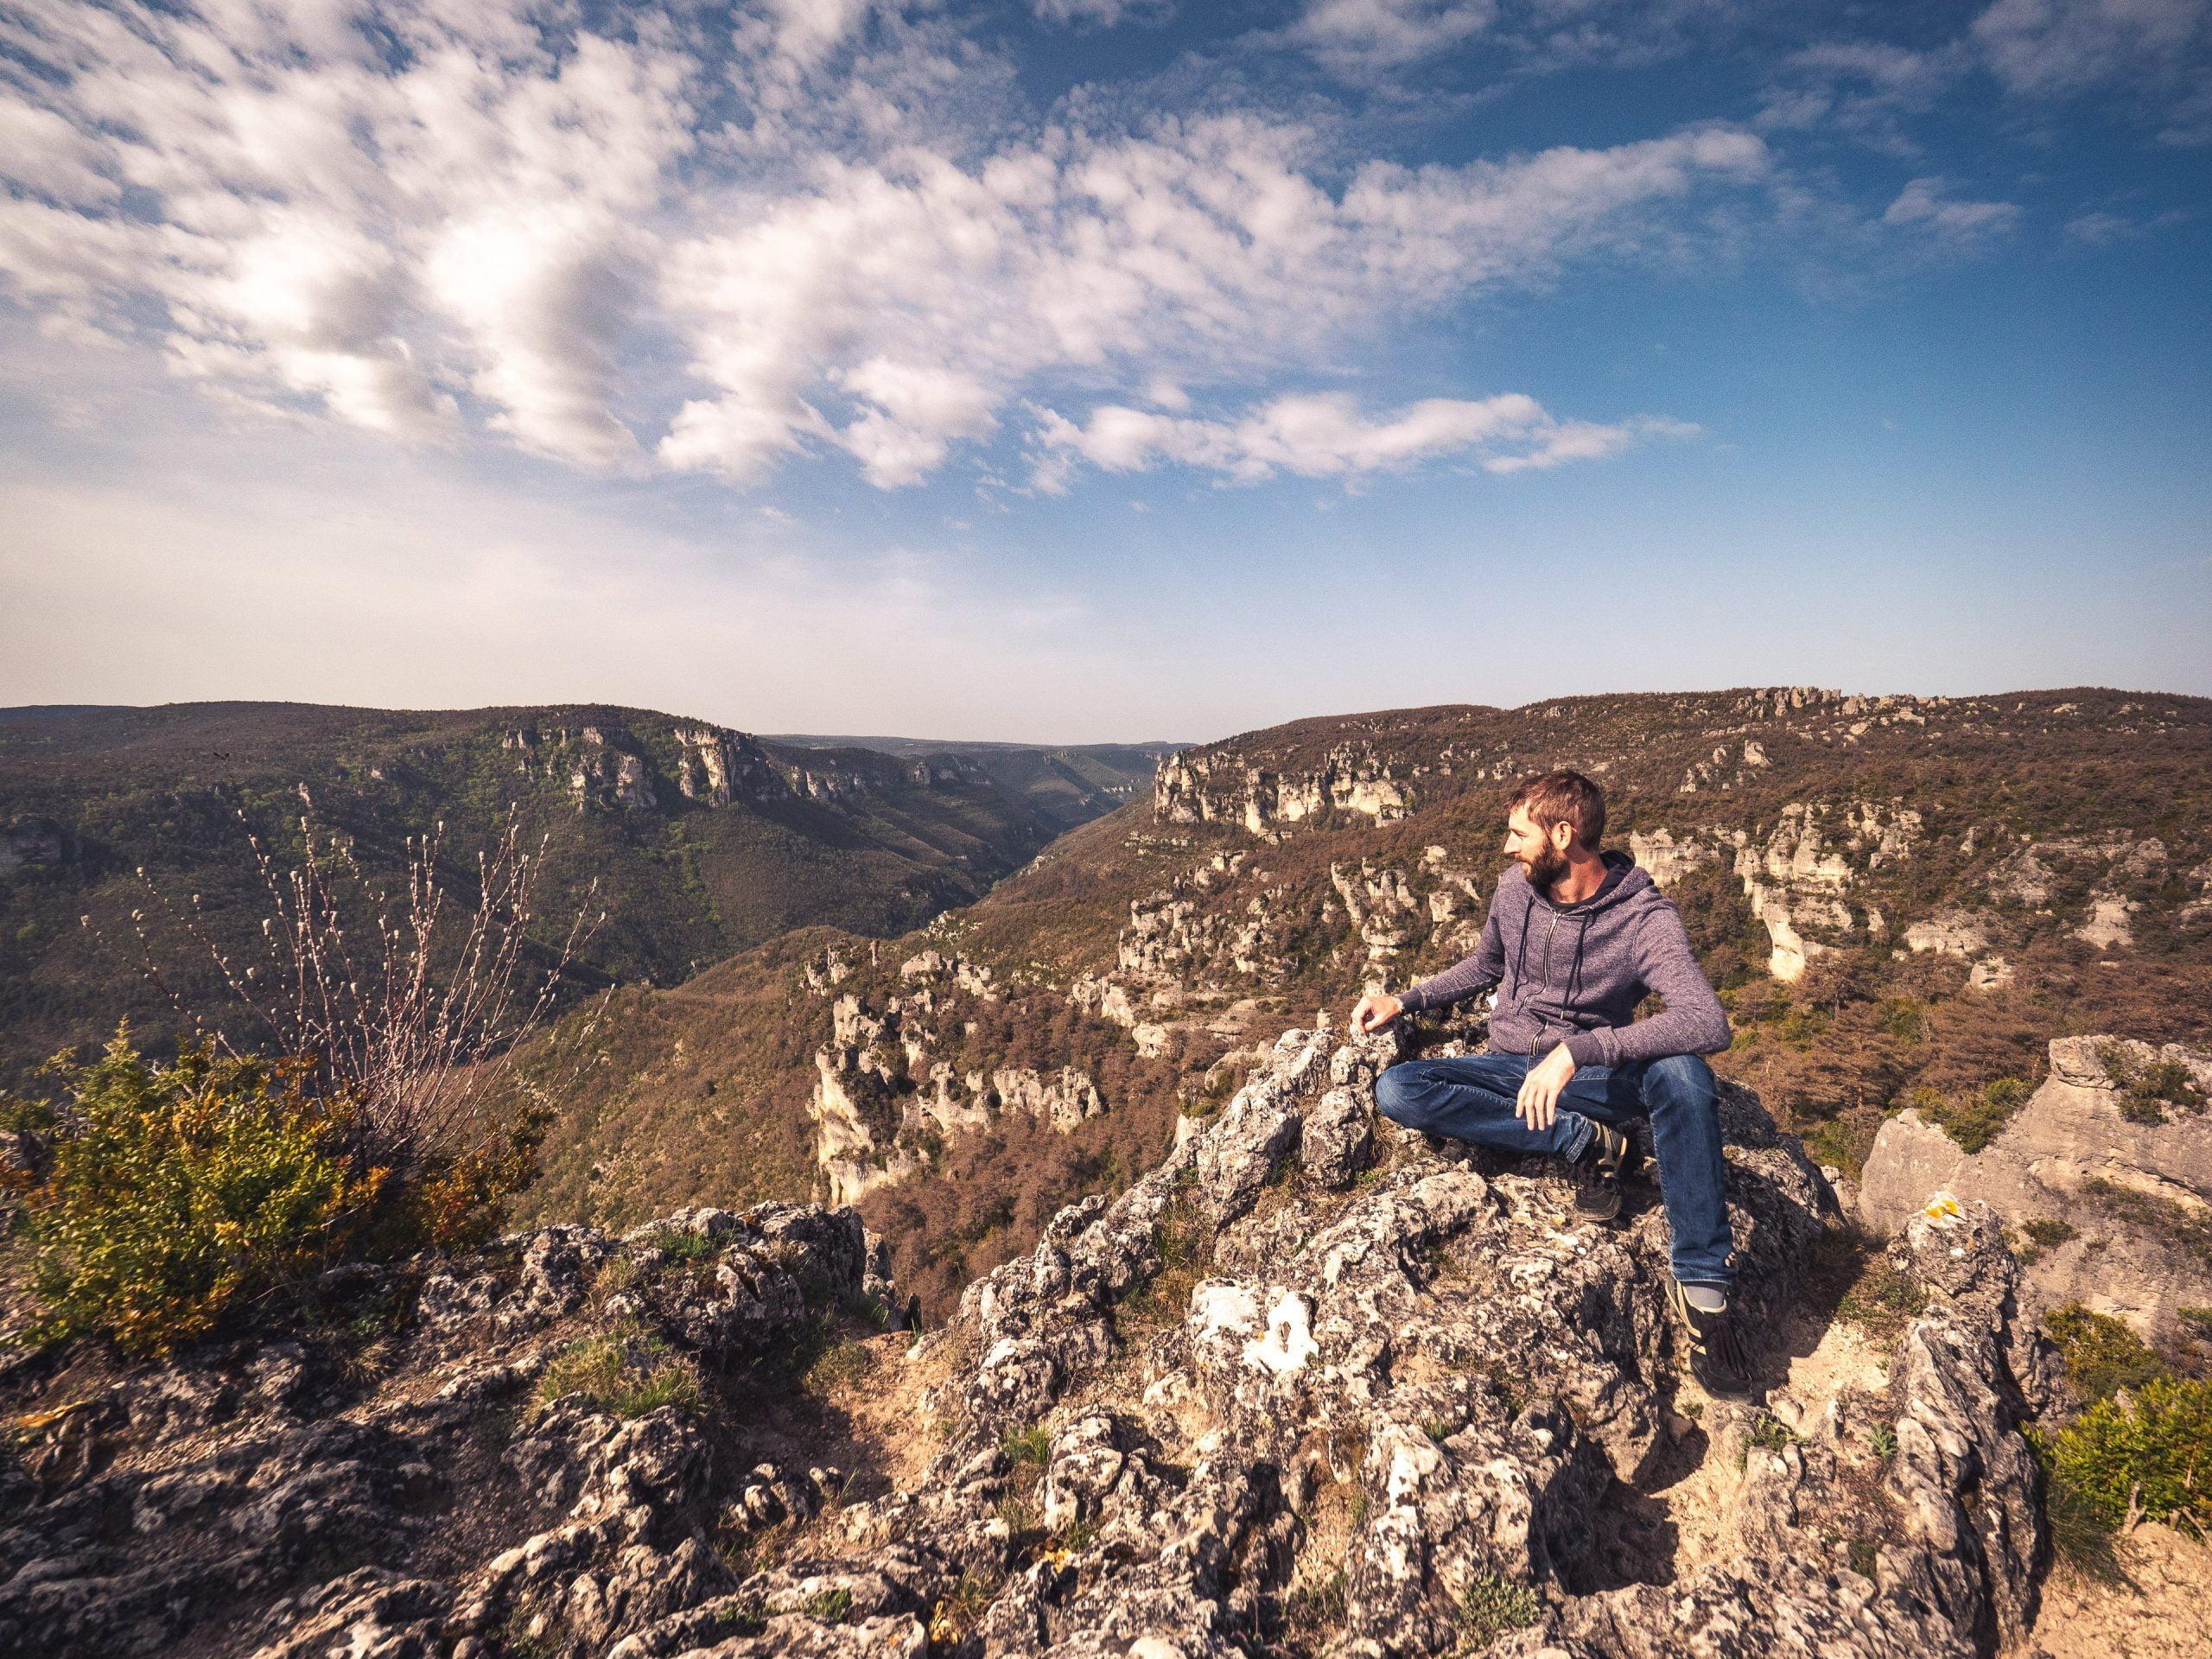 Chaos rocheux de montpellier le vieux, dans le parc naturel de loisirs